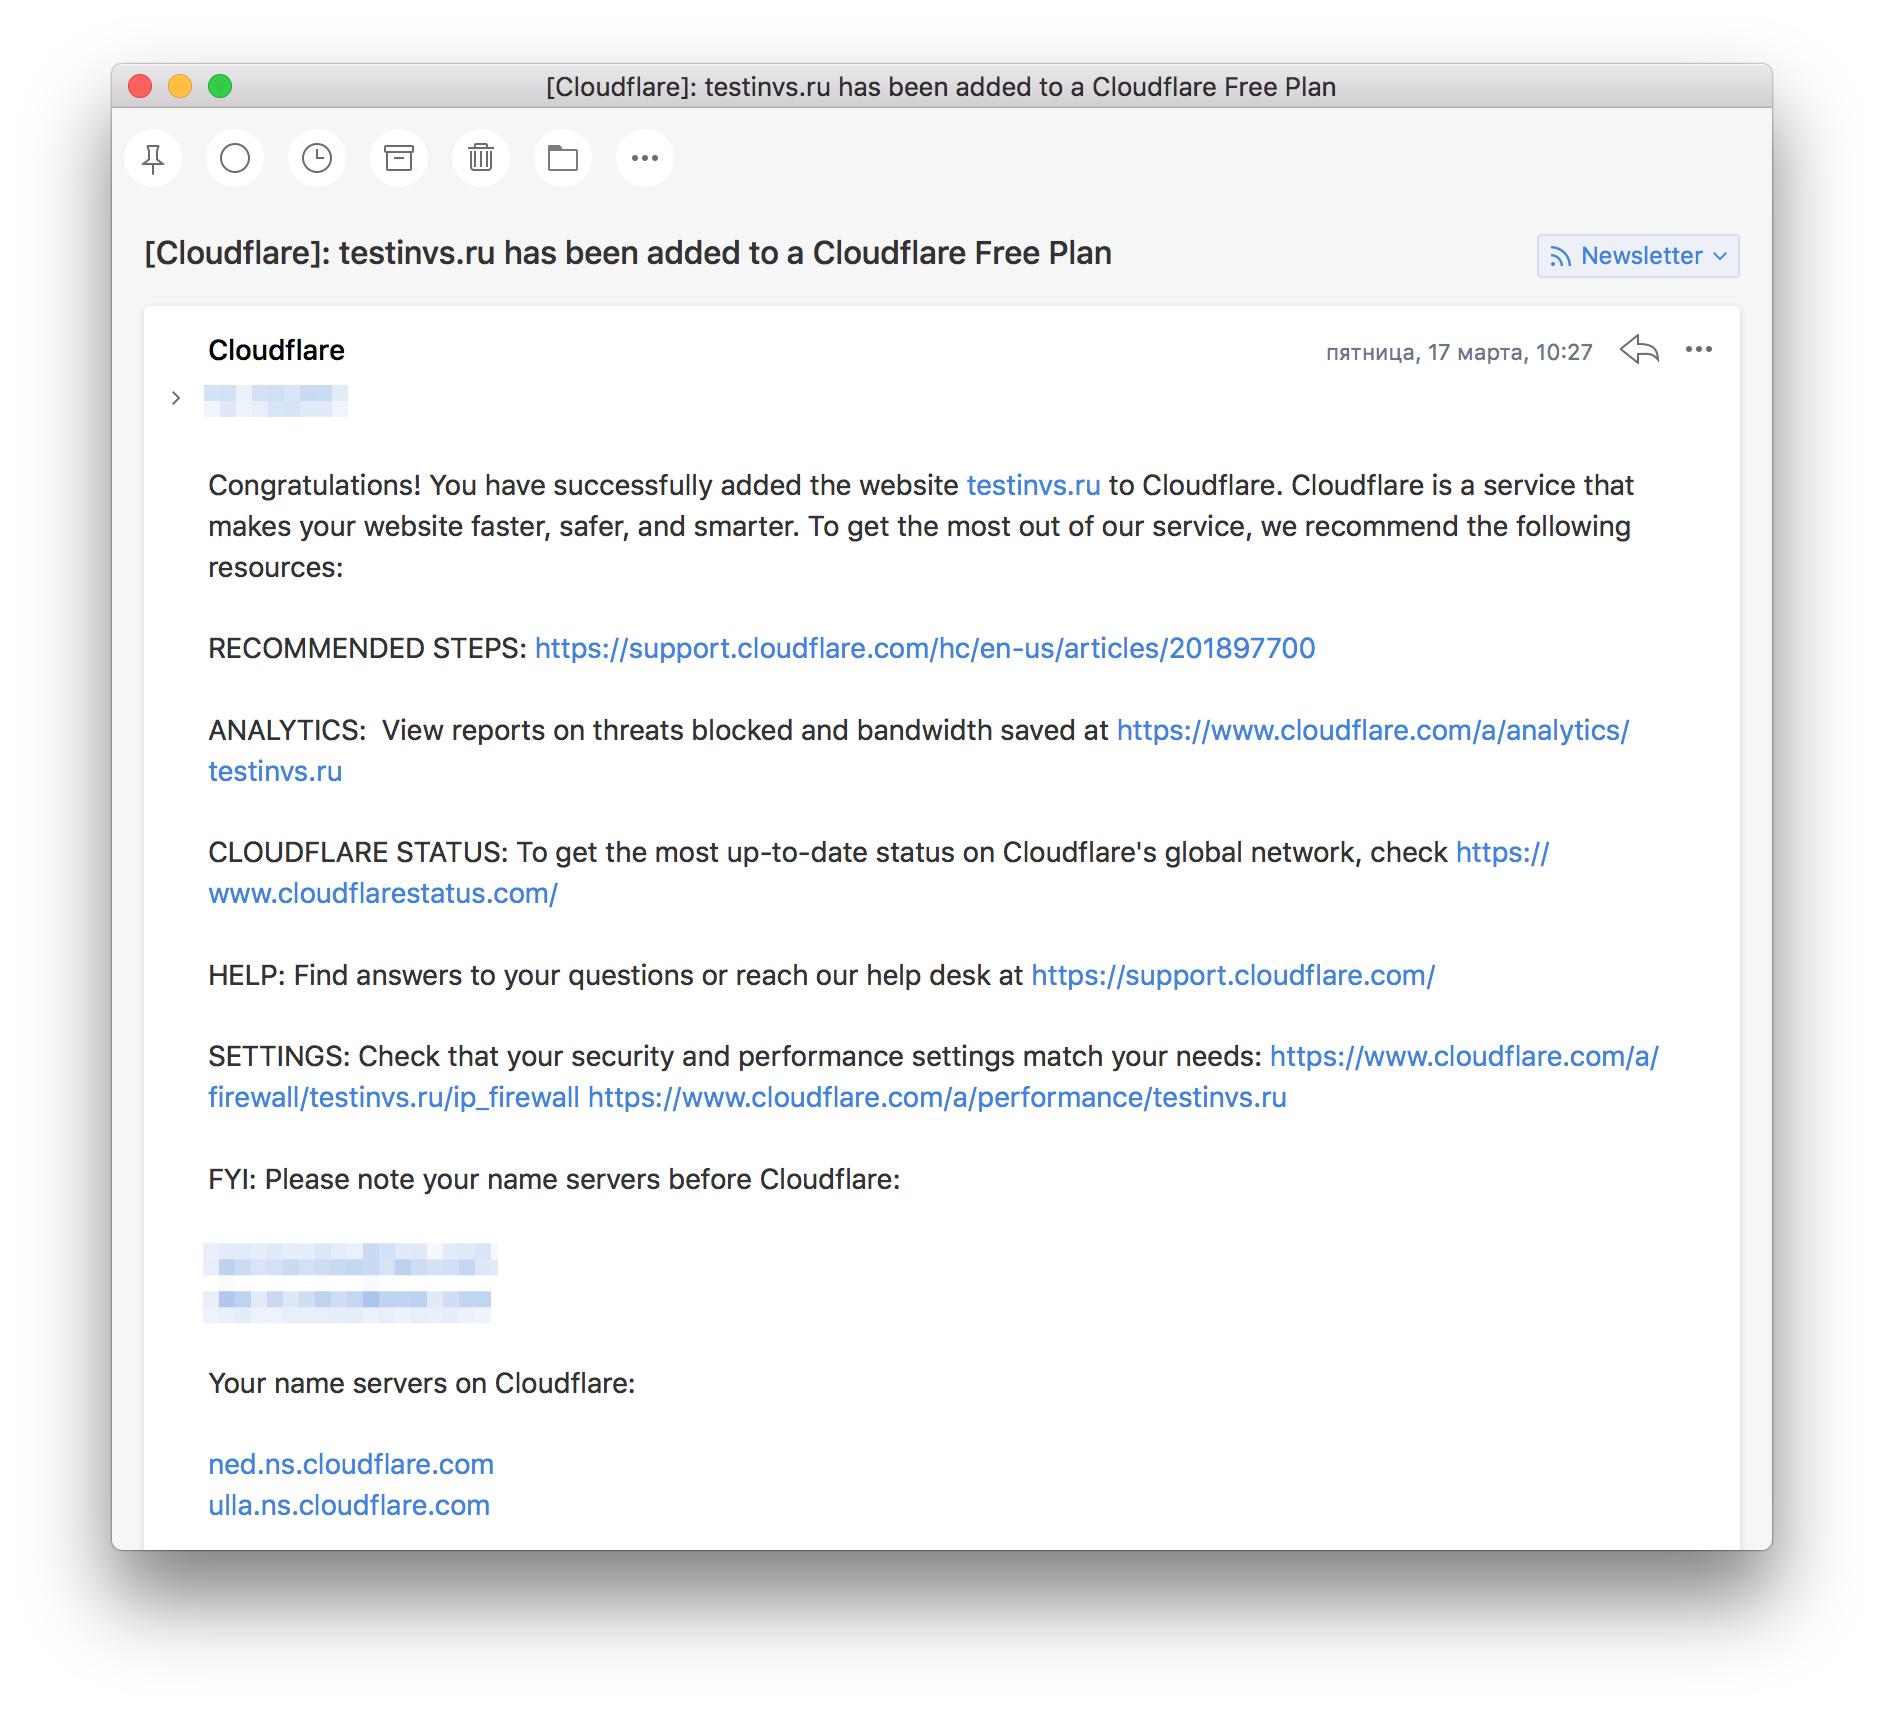 включение вашего домена в сервис cloudflare